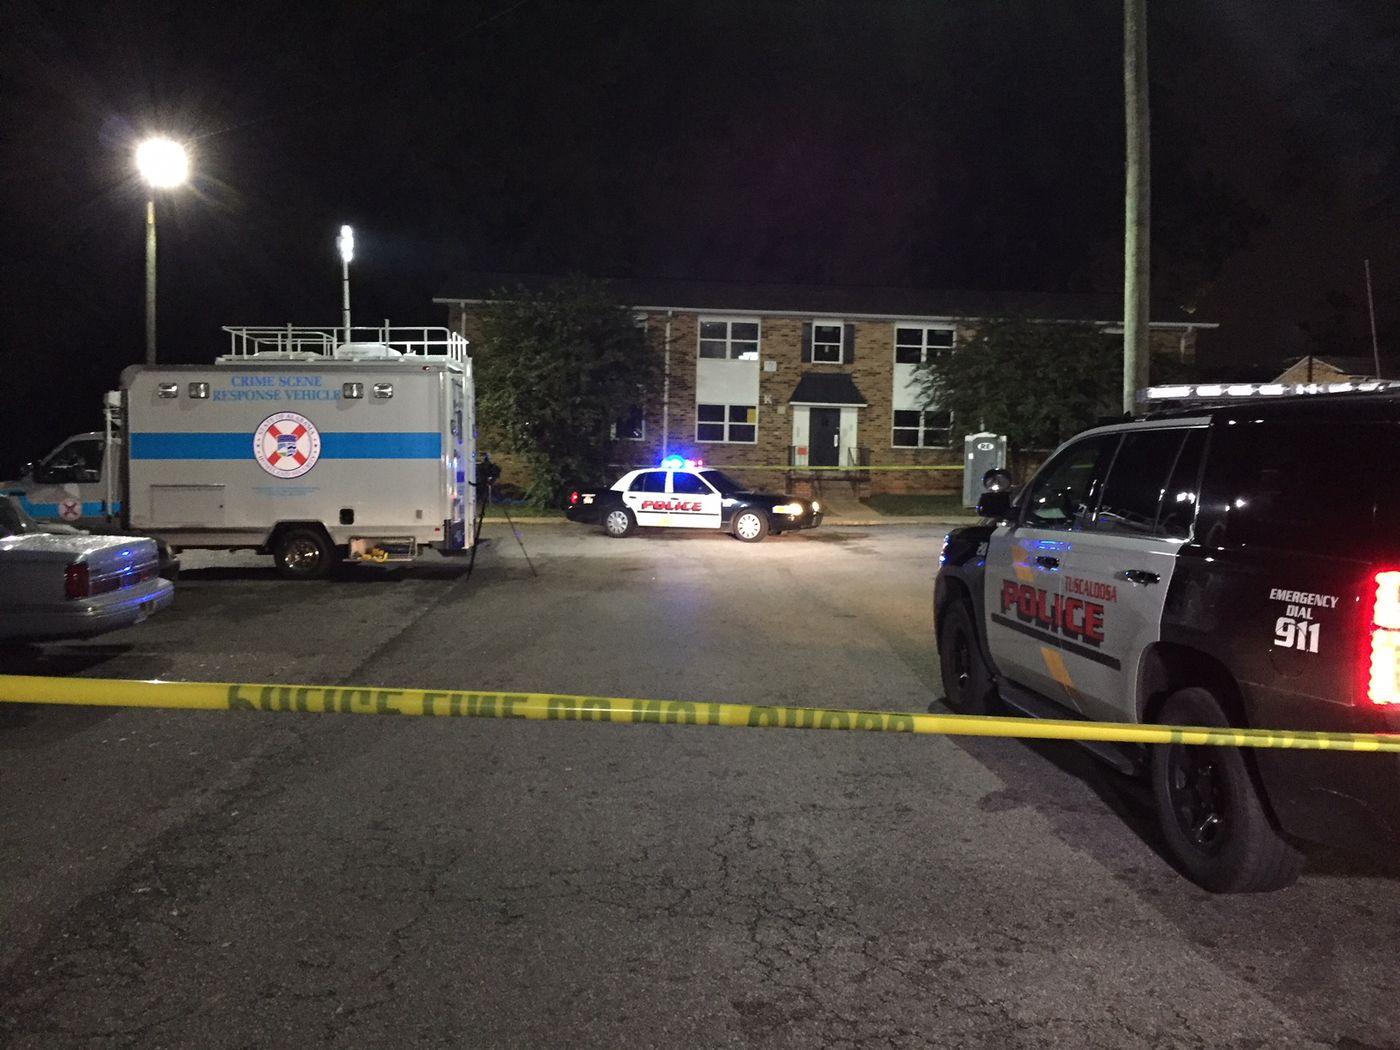 Oficial y sospechoso heridos, en persecución y tiroteo en Tuscaloosa